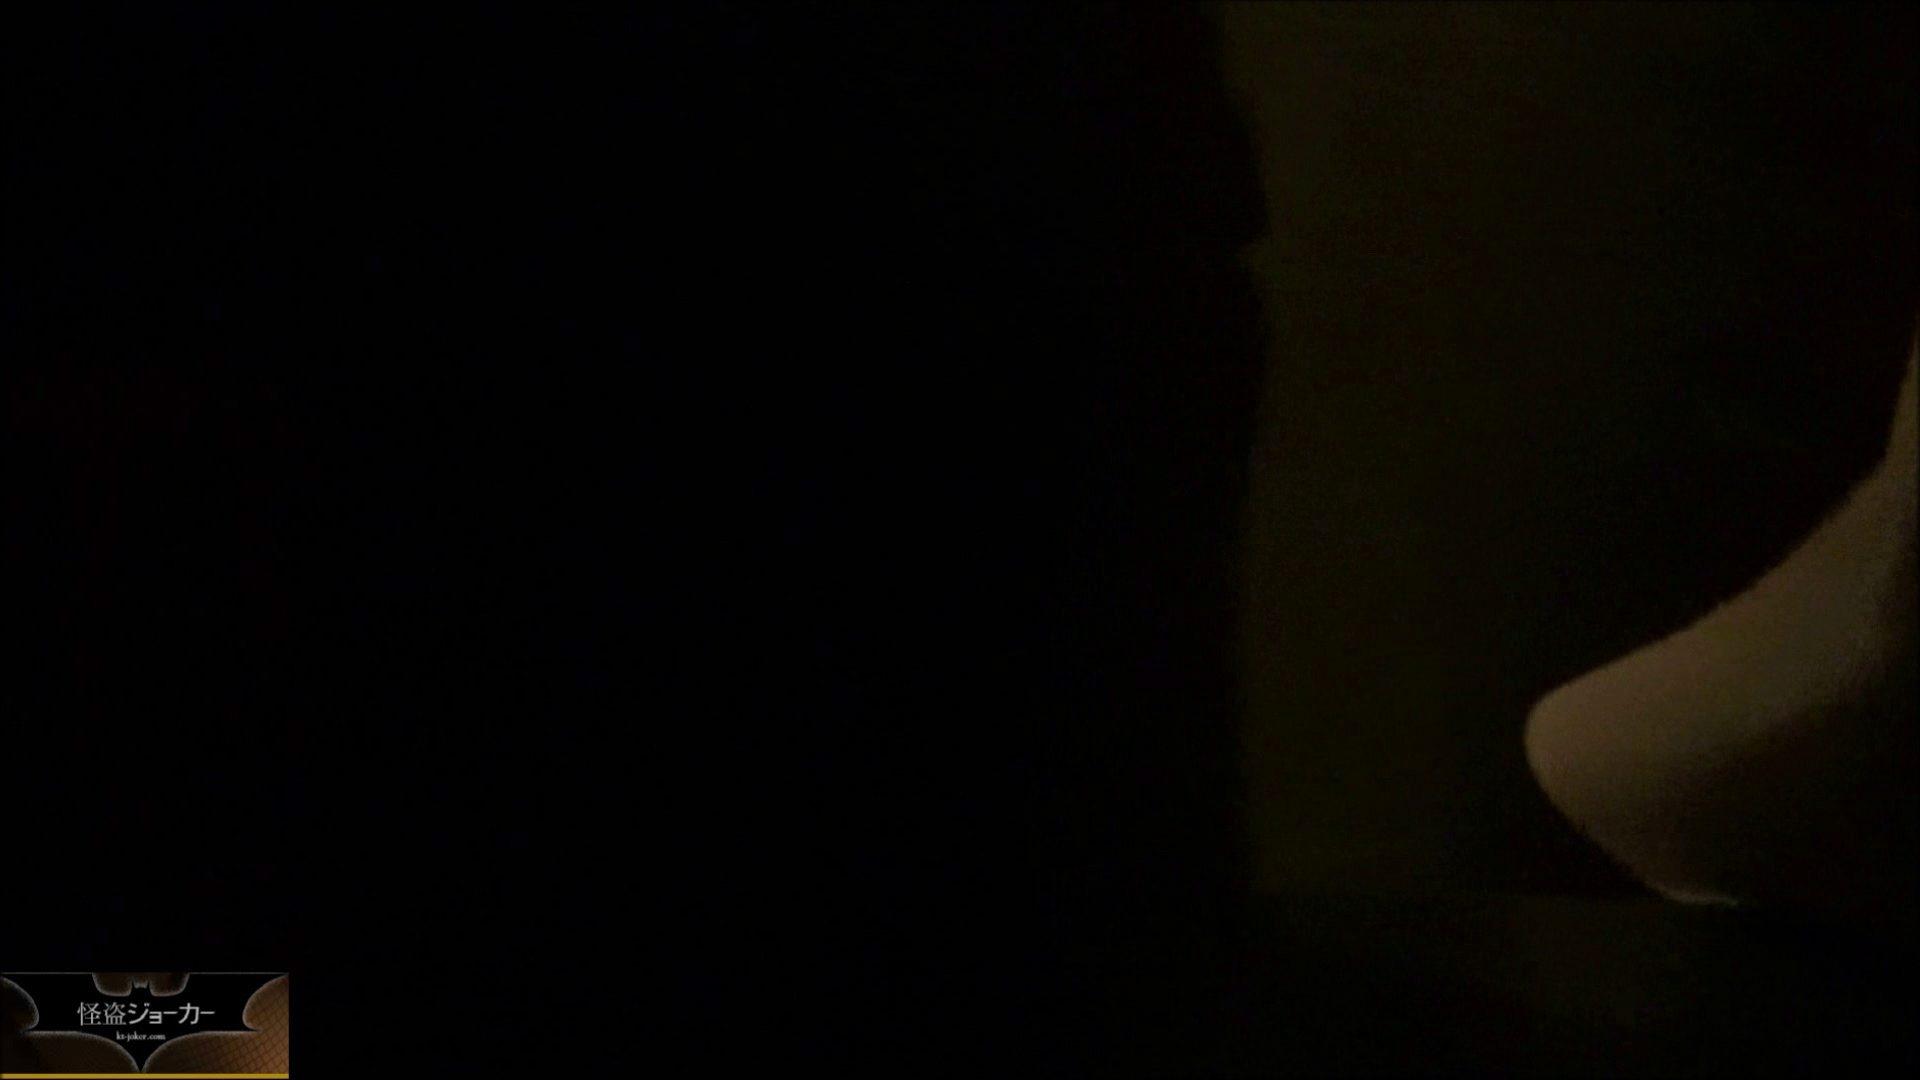 【未公開】vol.27 揉みしだくFカップ乳…足コキ、kyouせいフェラ、生挿入。 フェラ | ホテル  42連発 9